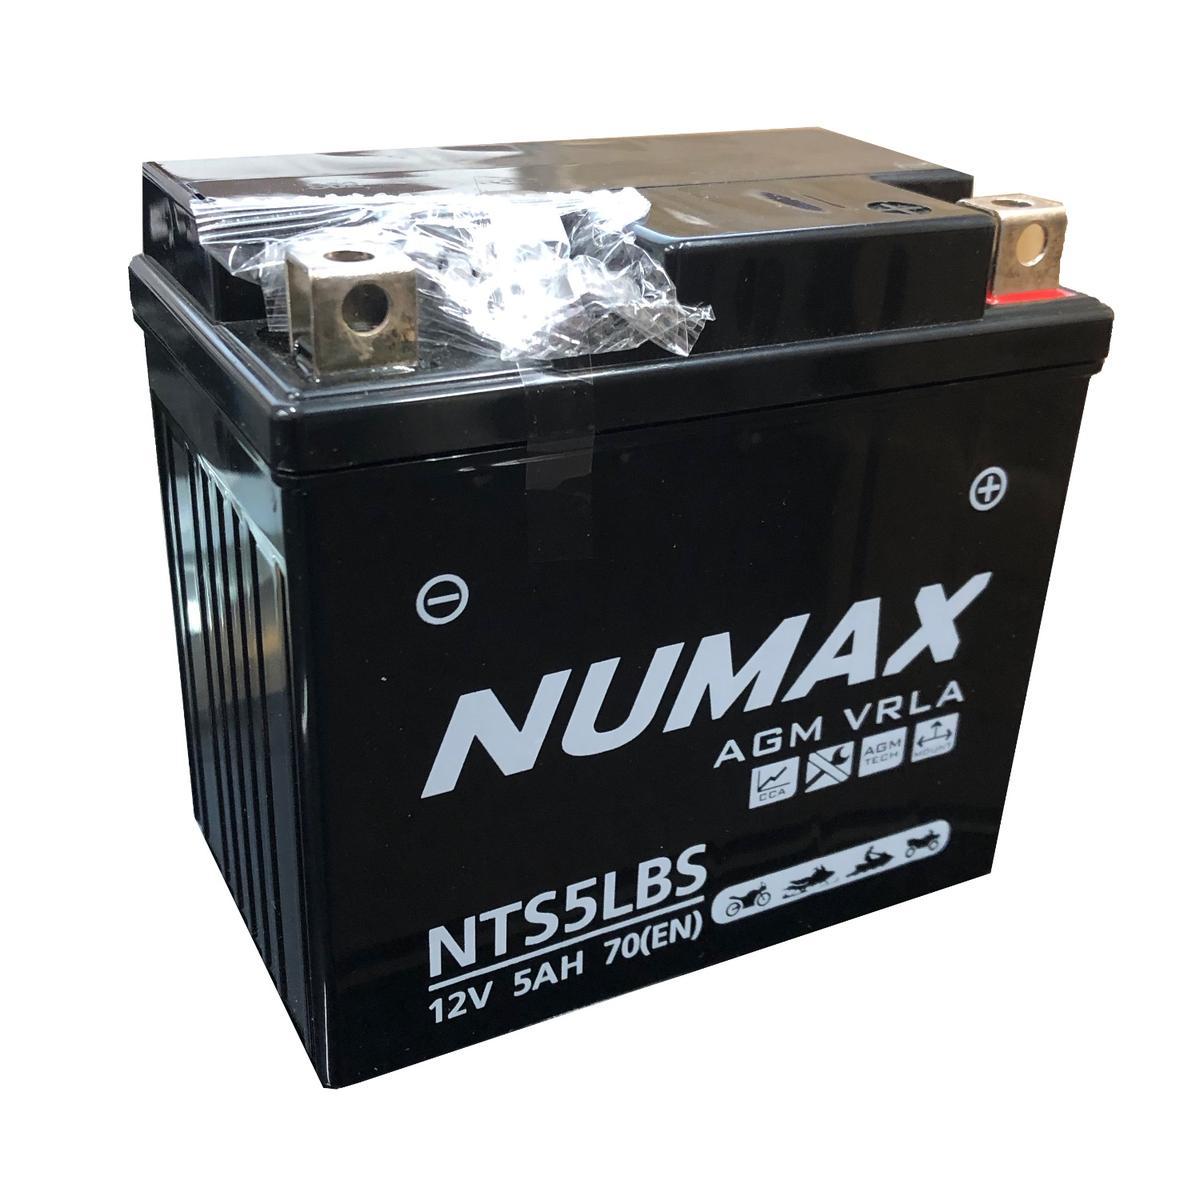 Numax NTS5LBS Yamaha TDR125 TDR 125 Motorcycle Battery